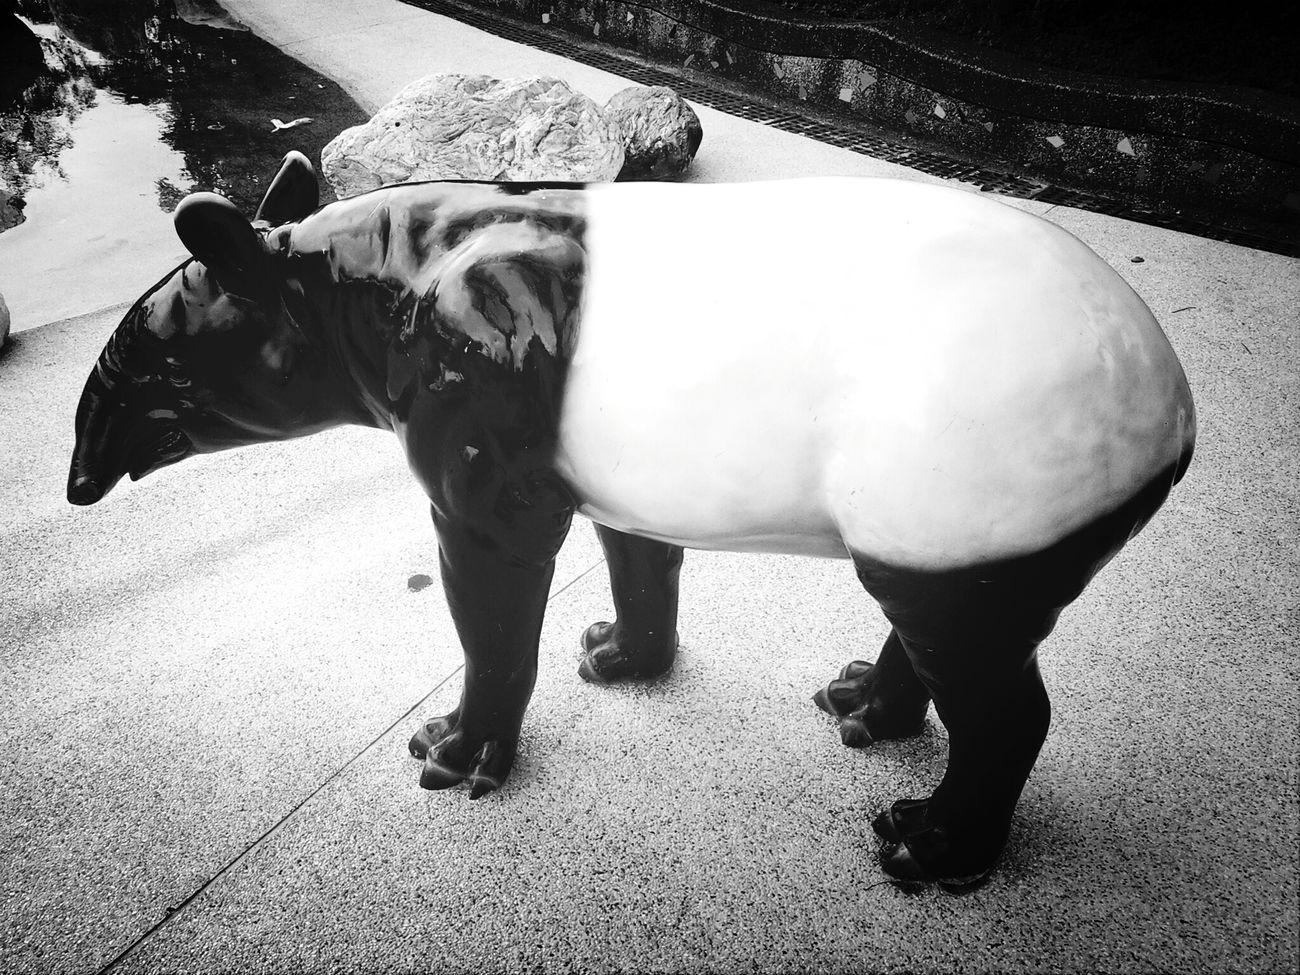 黑白也很好看的馬來貘 Black And White Malayan Tapir